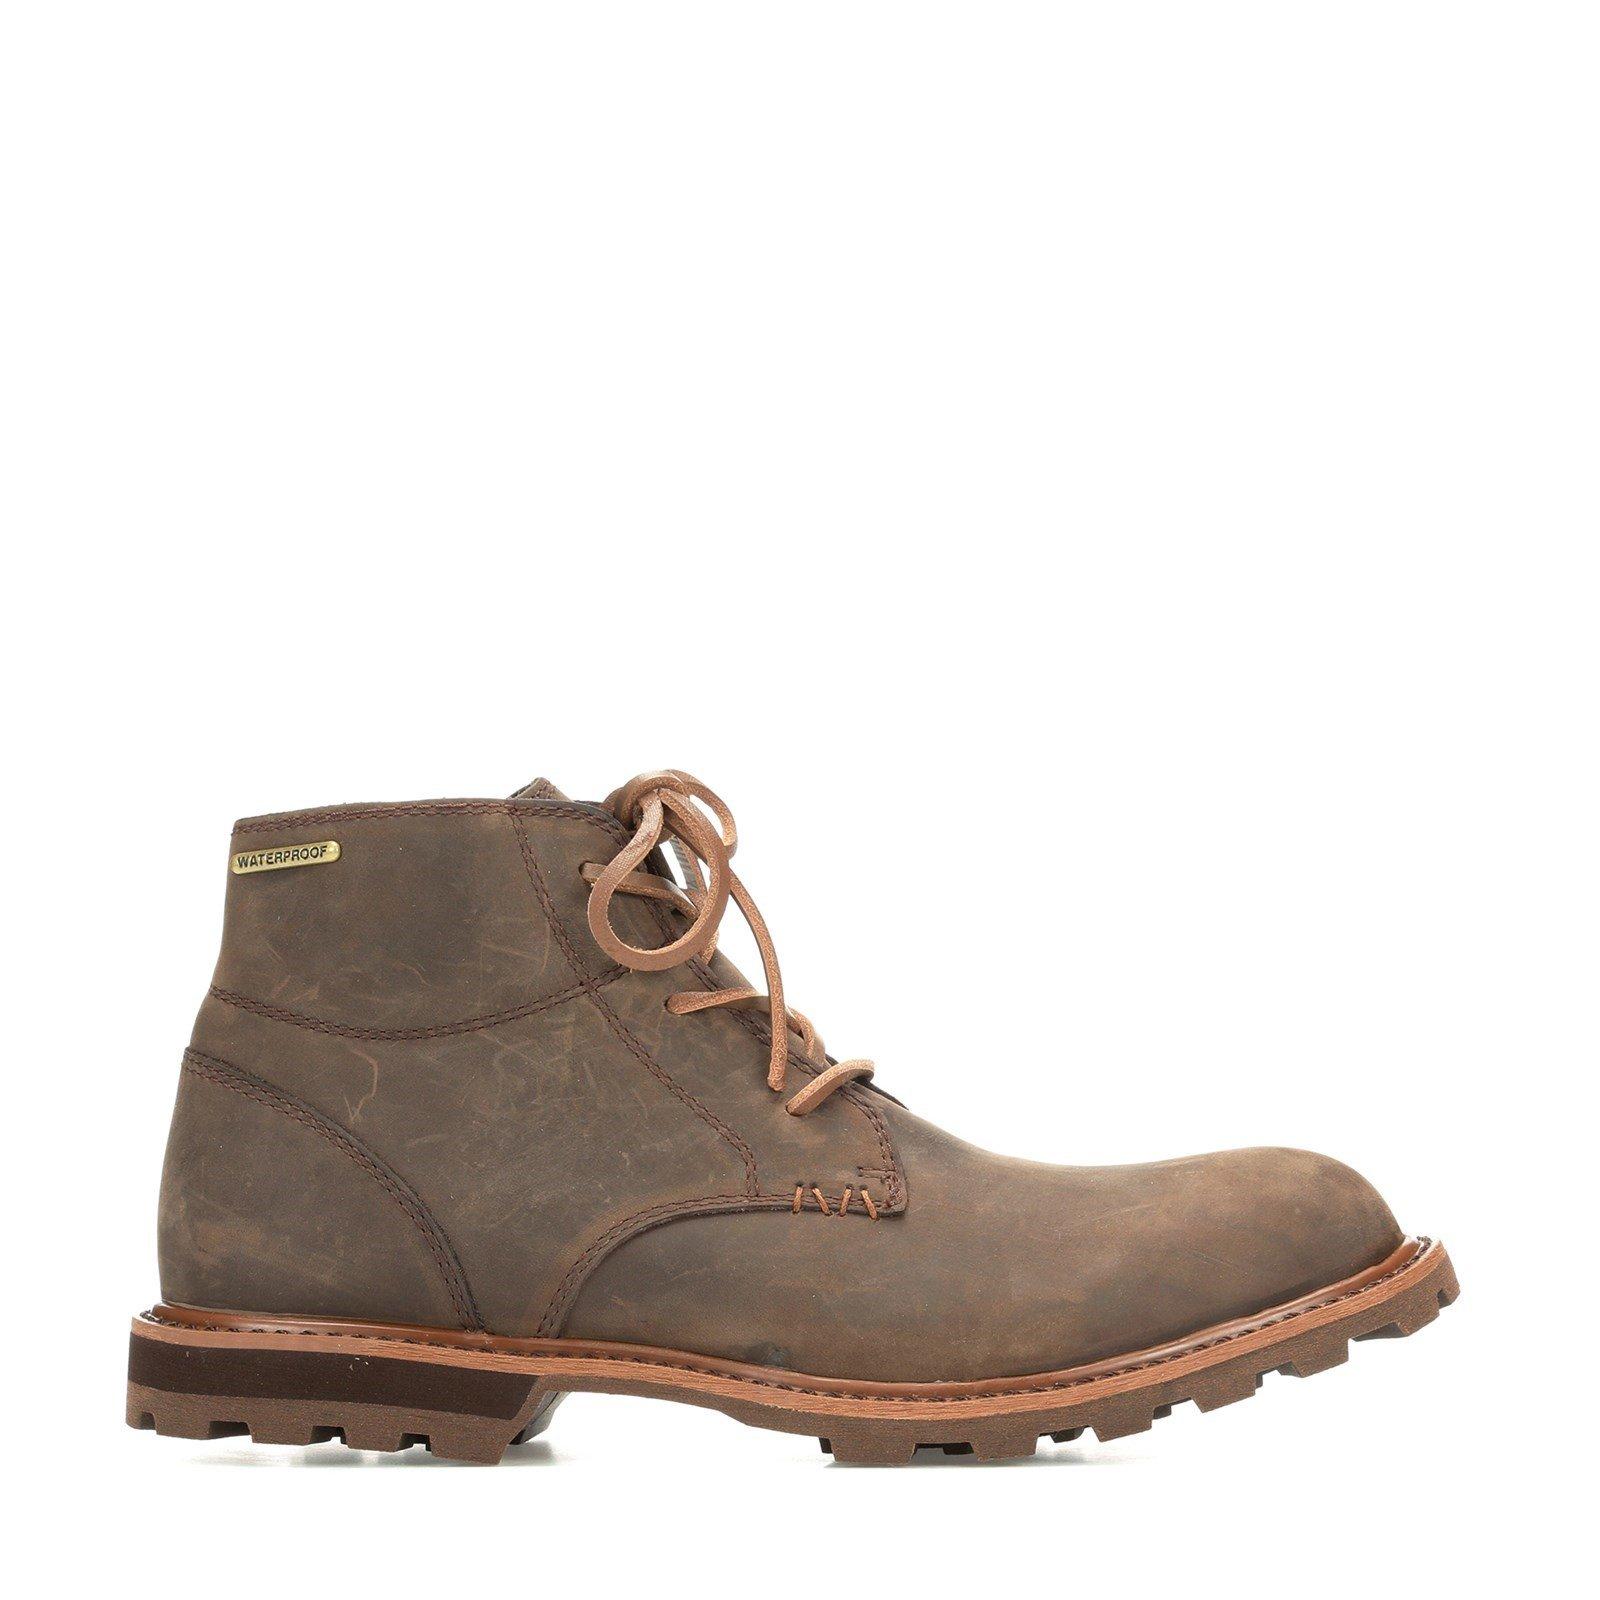 Muck Boots Men's Freeman Boot 31761 - Brown 10.5